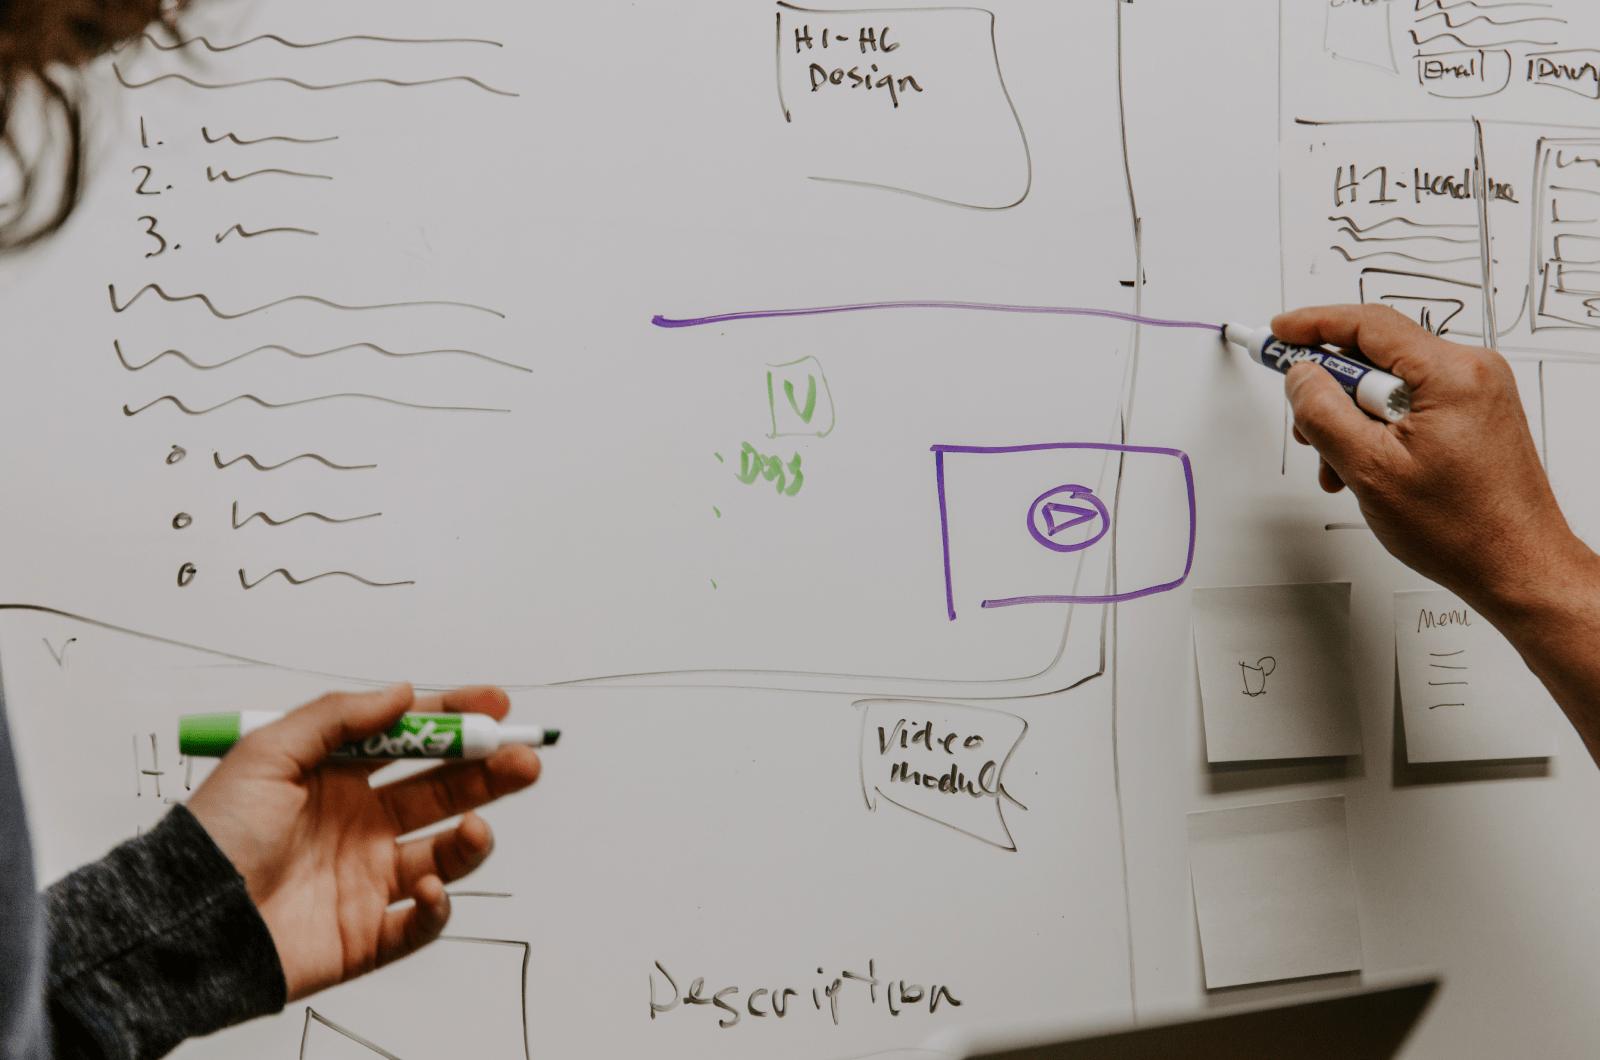 La storia d'amore di un'architettura informativa: SEO, ti presento UX